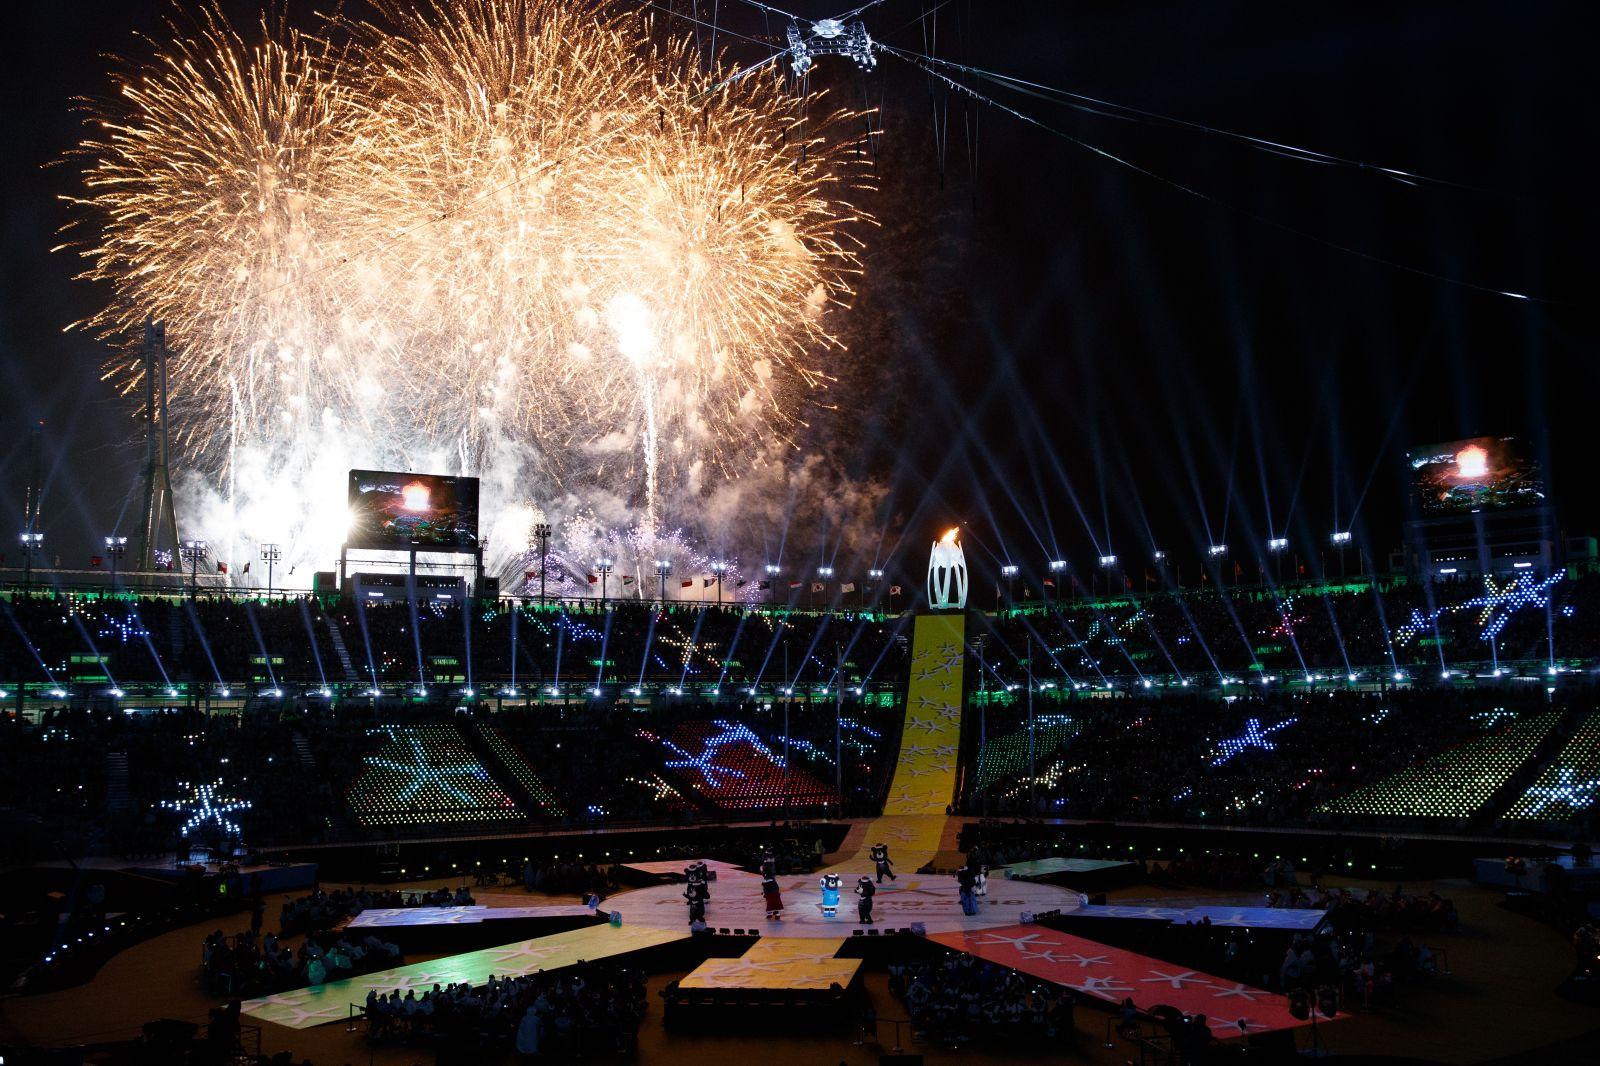 Делегация российских спортсменов и персонала спортсменов приняла участие в  церемонии закрытия XII Паралимпийских зимних игр 2018 года в г. Пхенчхан (Республика Корея)